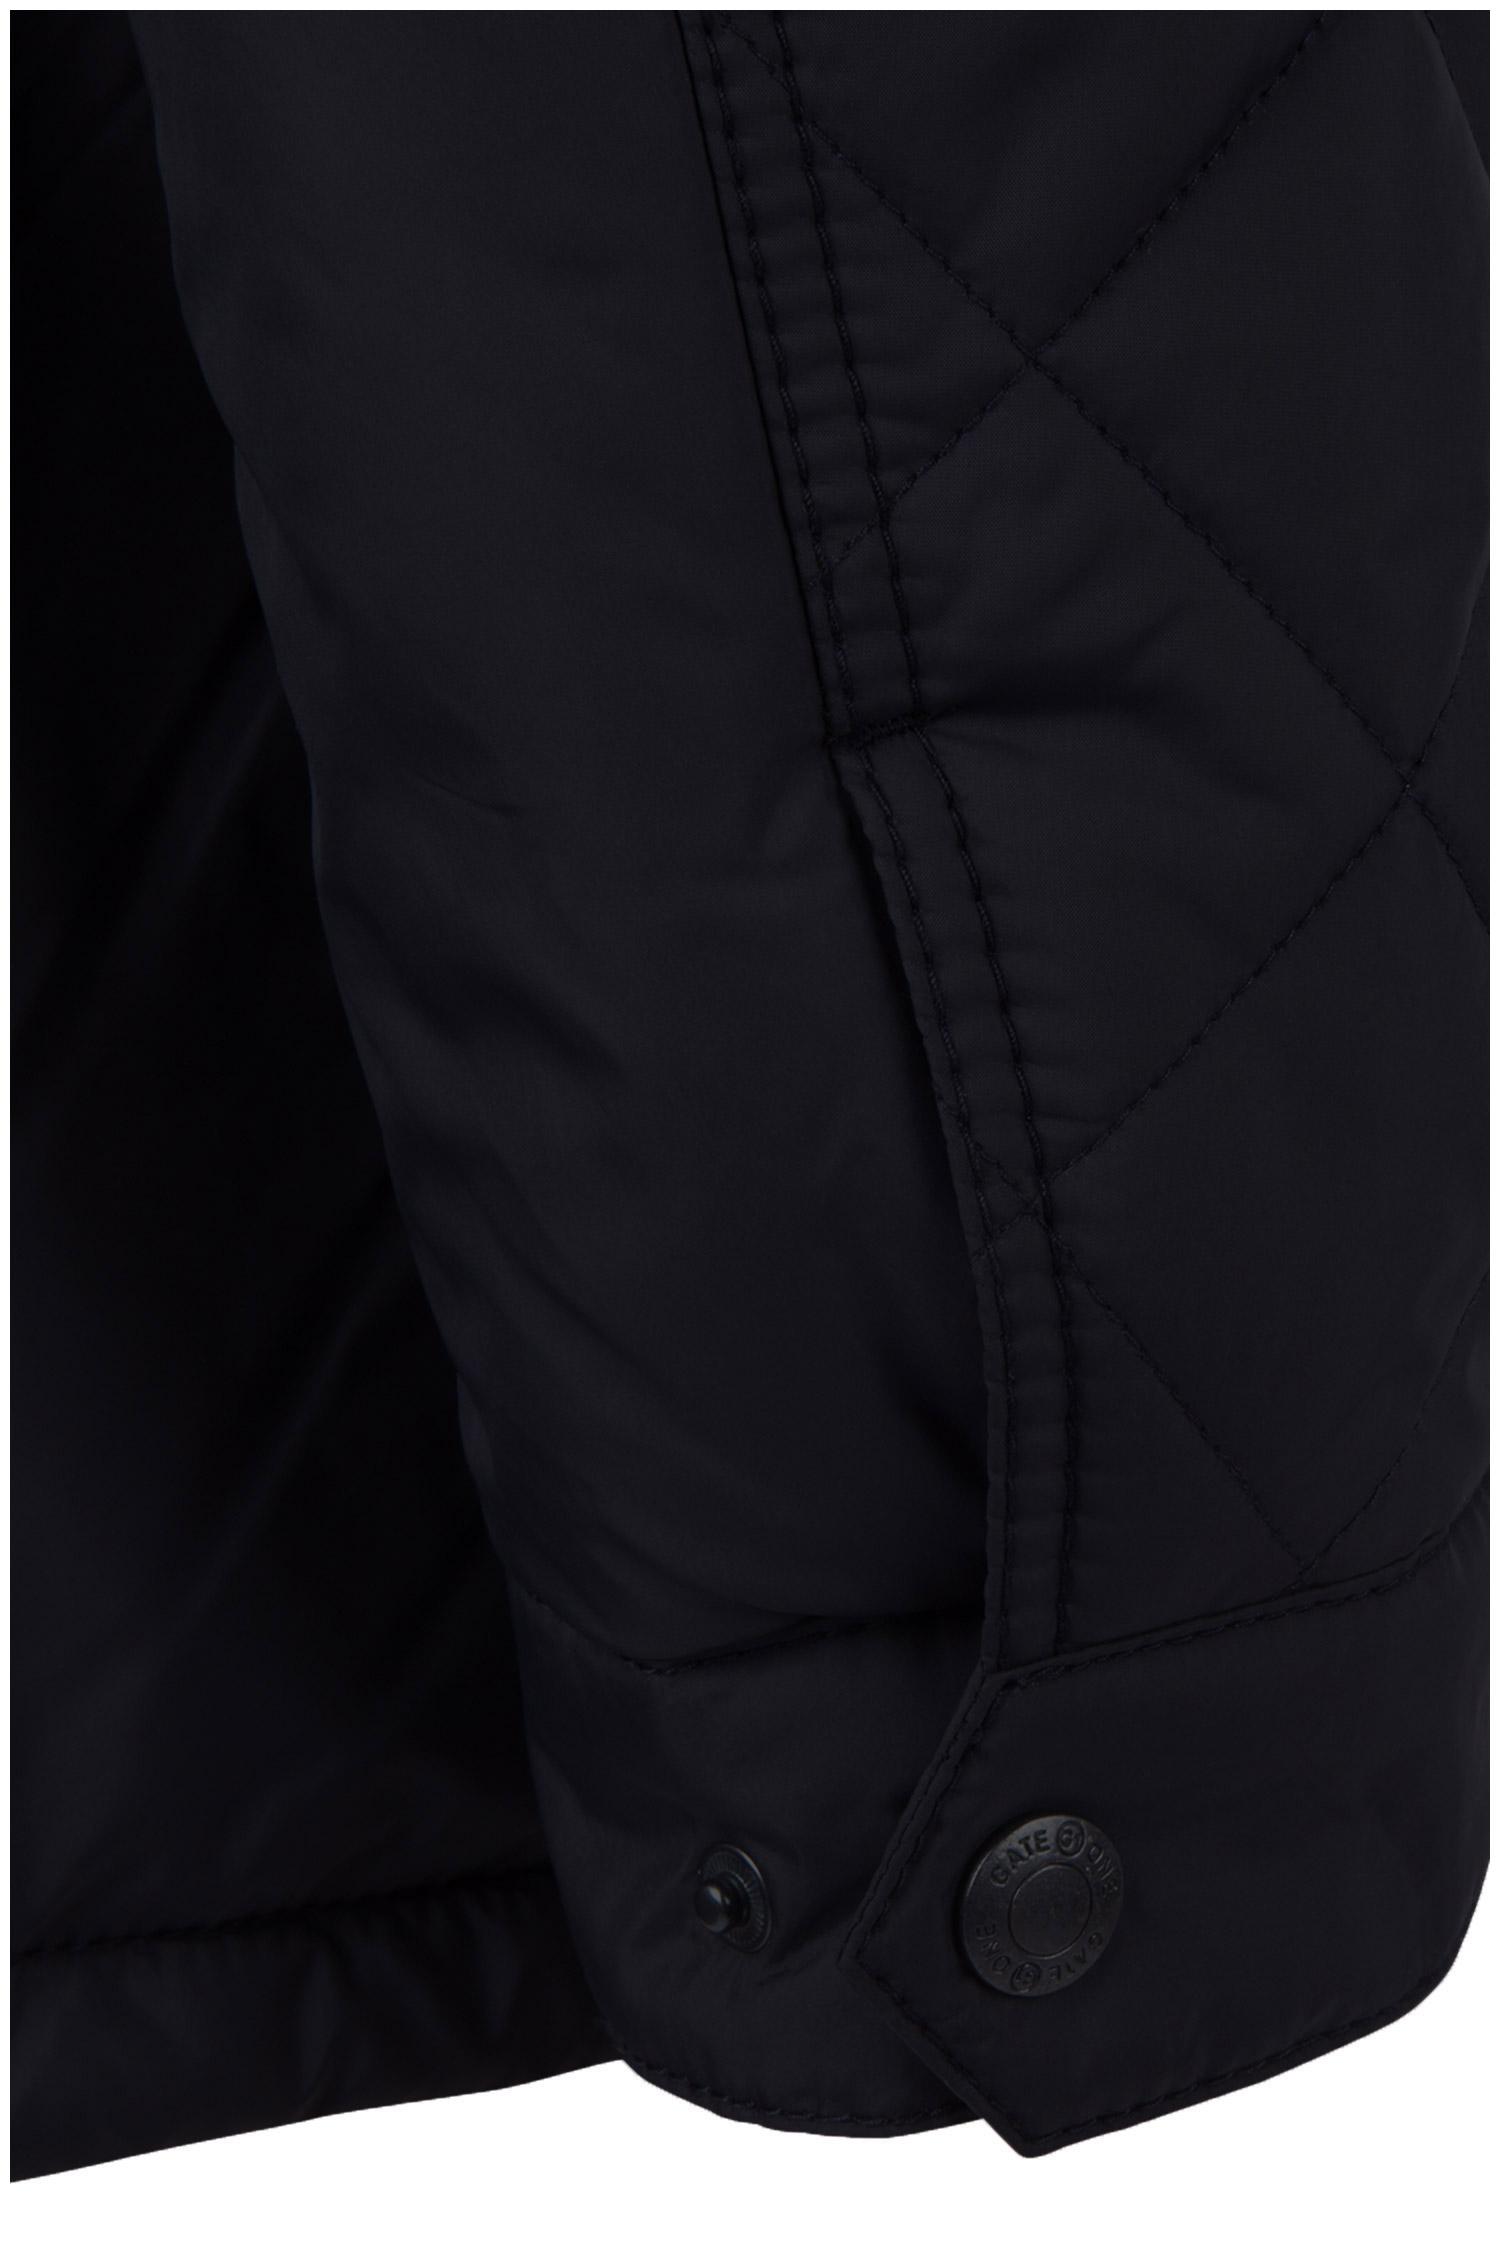 Abrigo, Chaquetones y Piel, 108239, NEGRO   Zoom